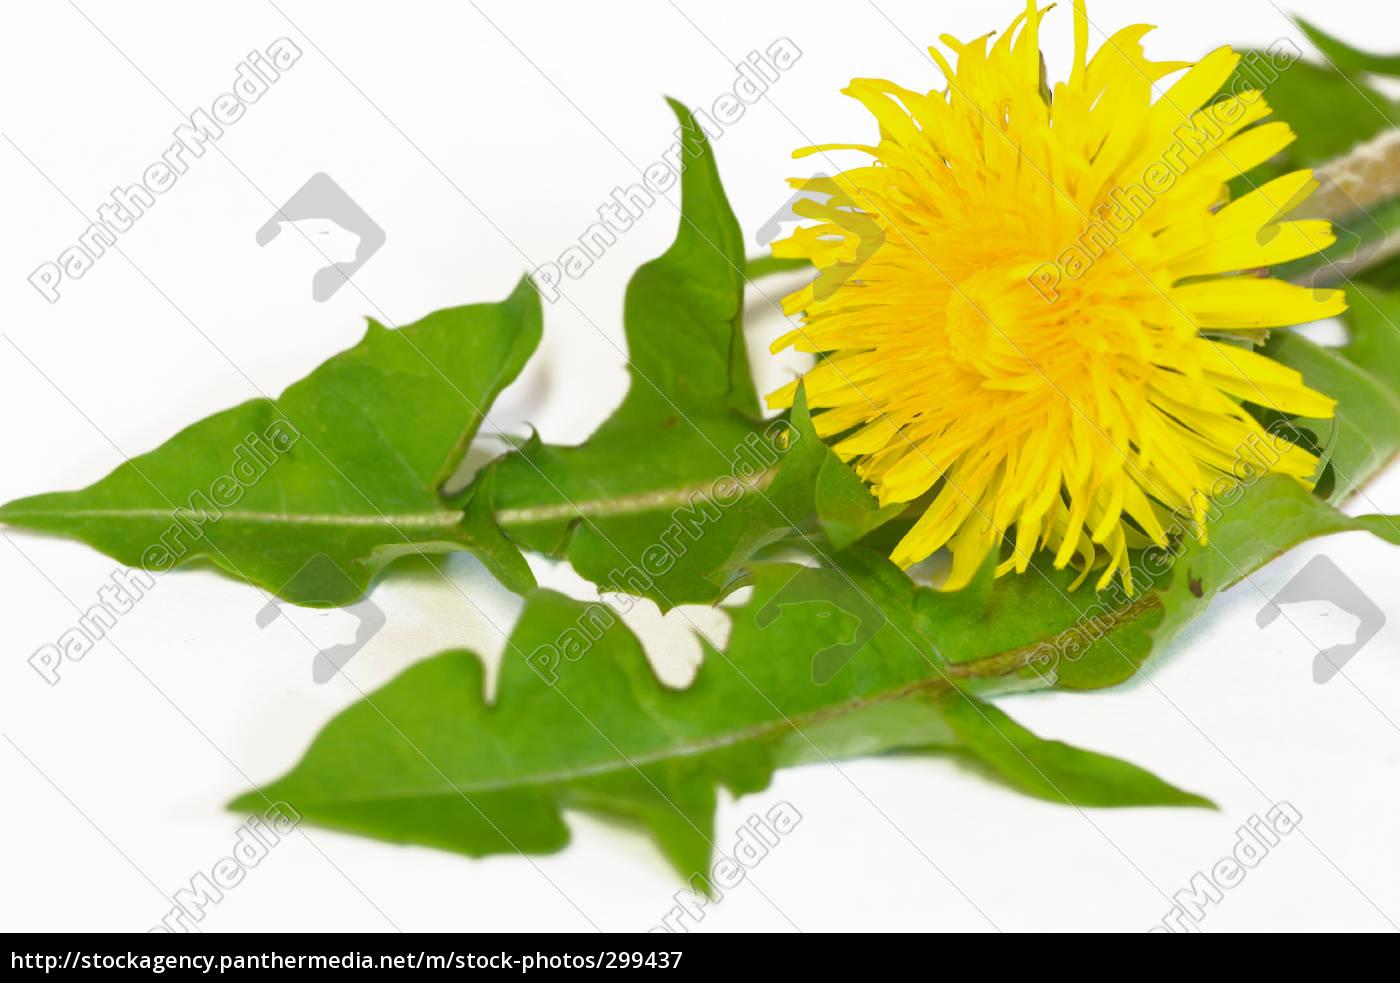 dandelion, salad - 299437